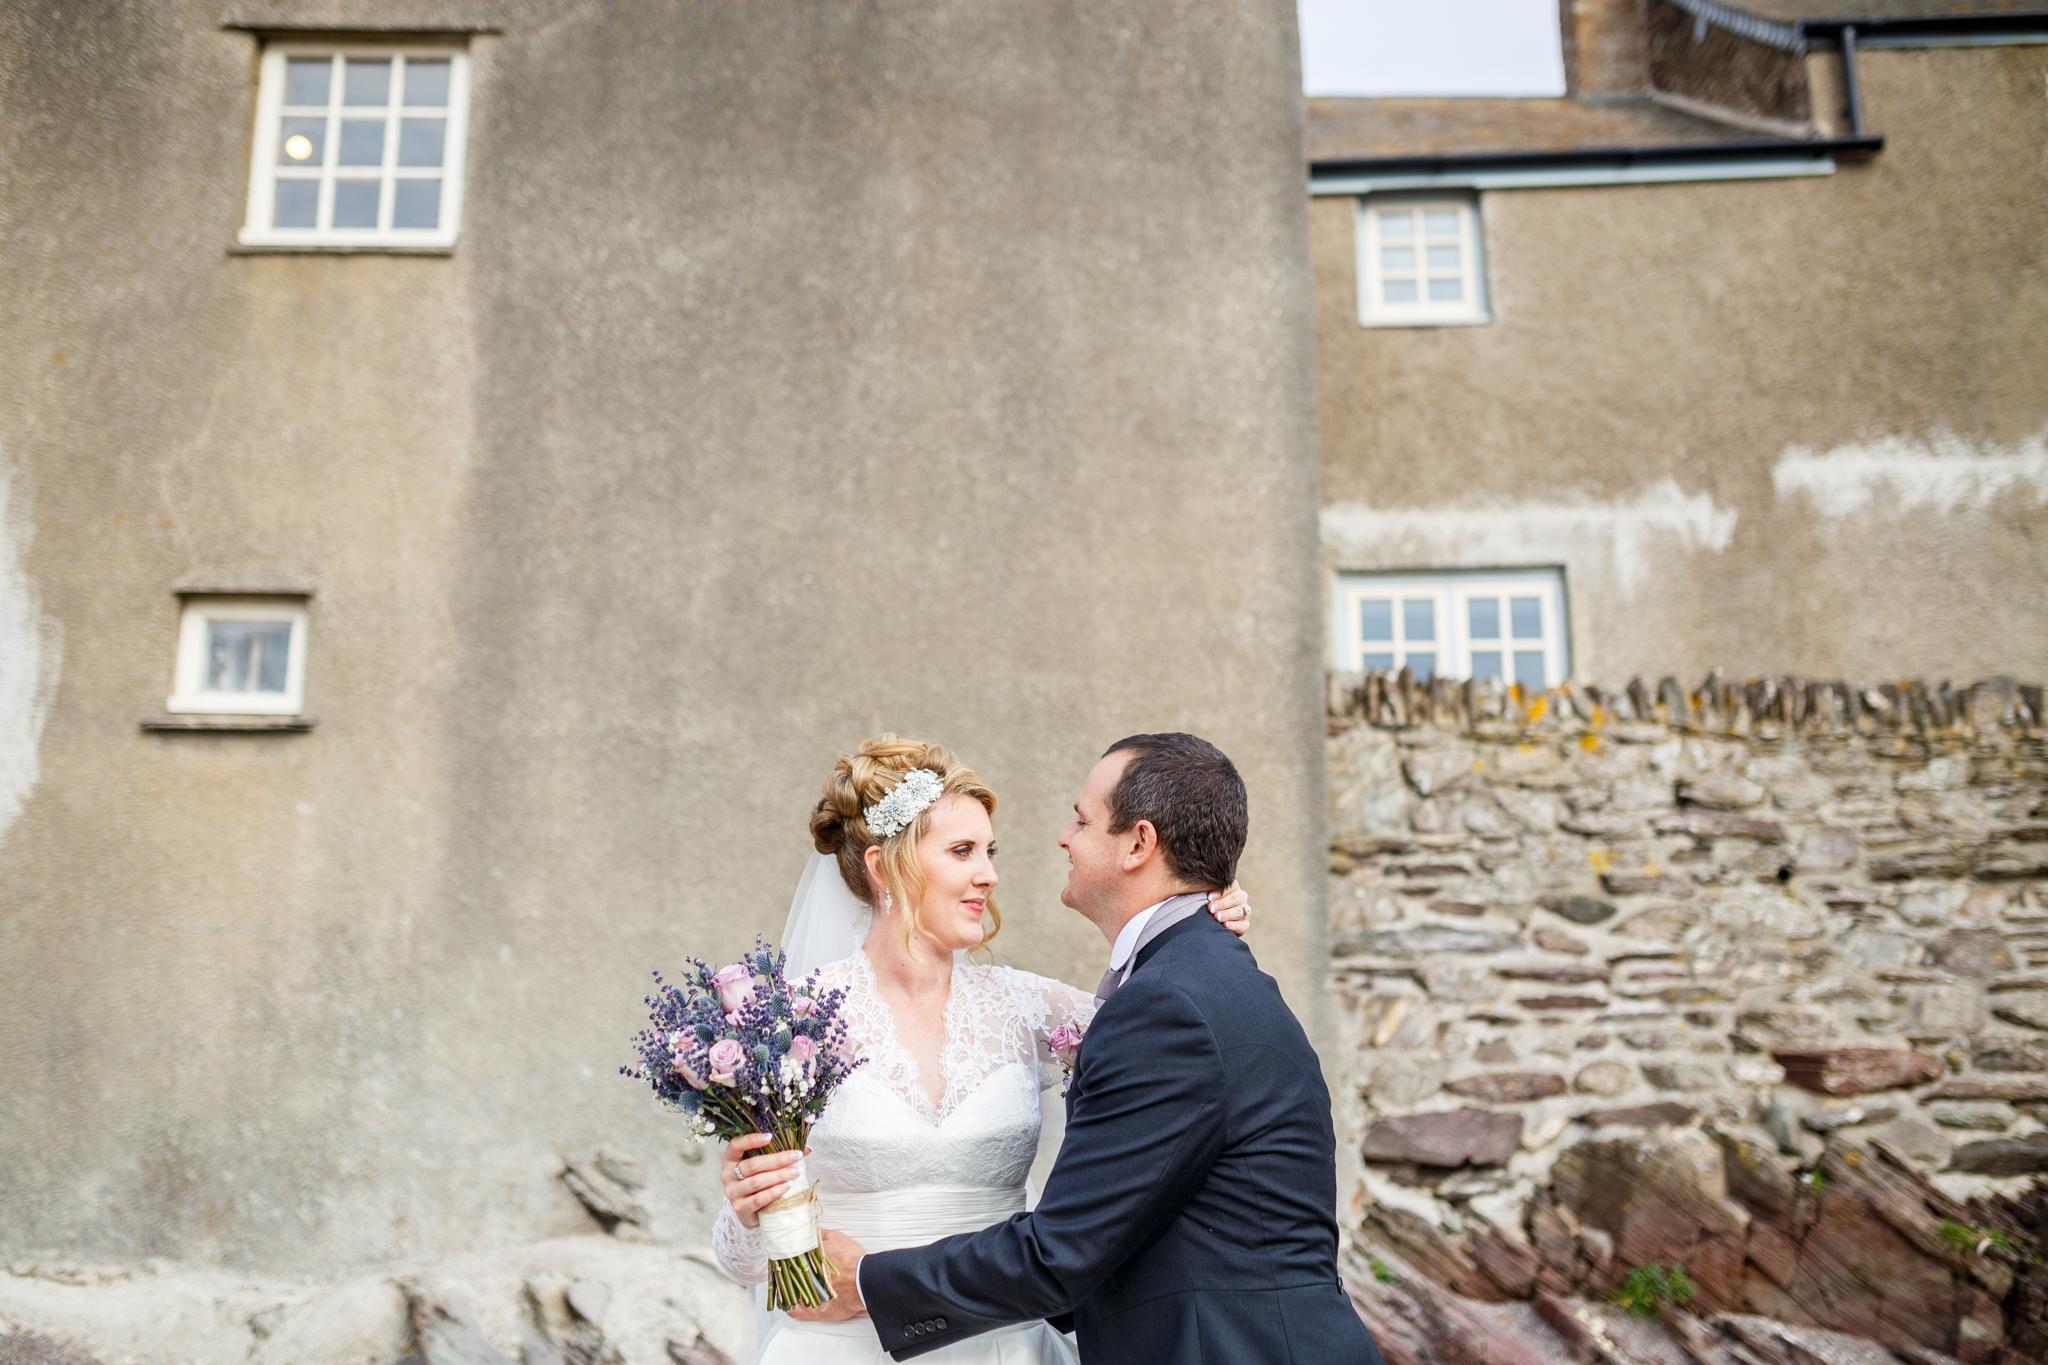 Simon_Rawling_Wedding_Photography-483.jpg